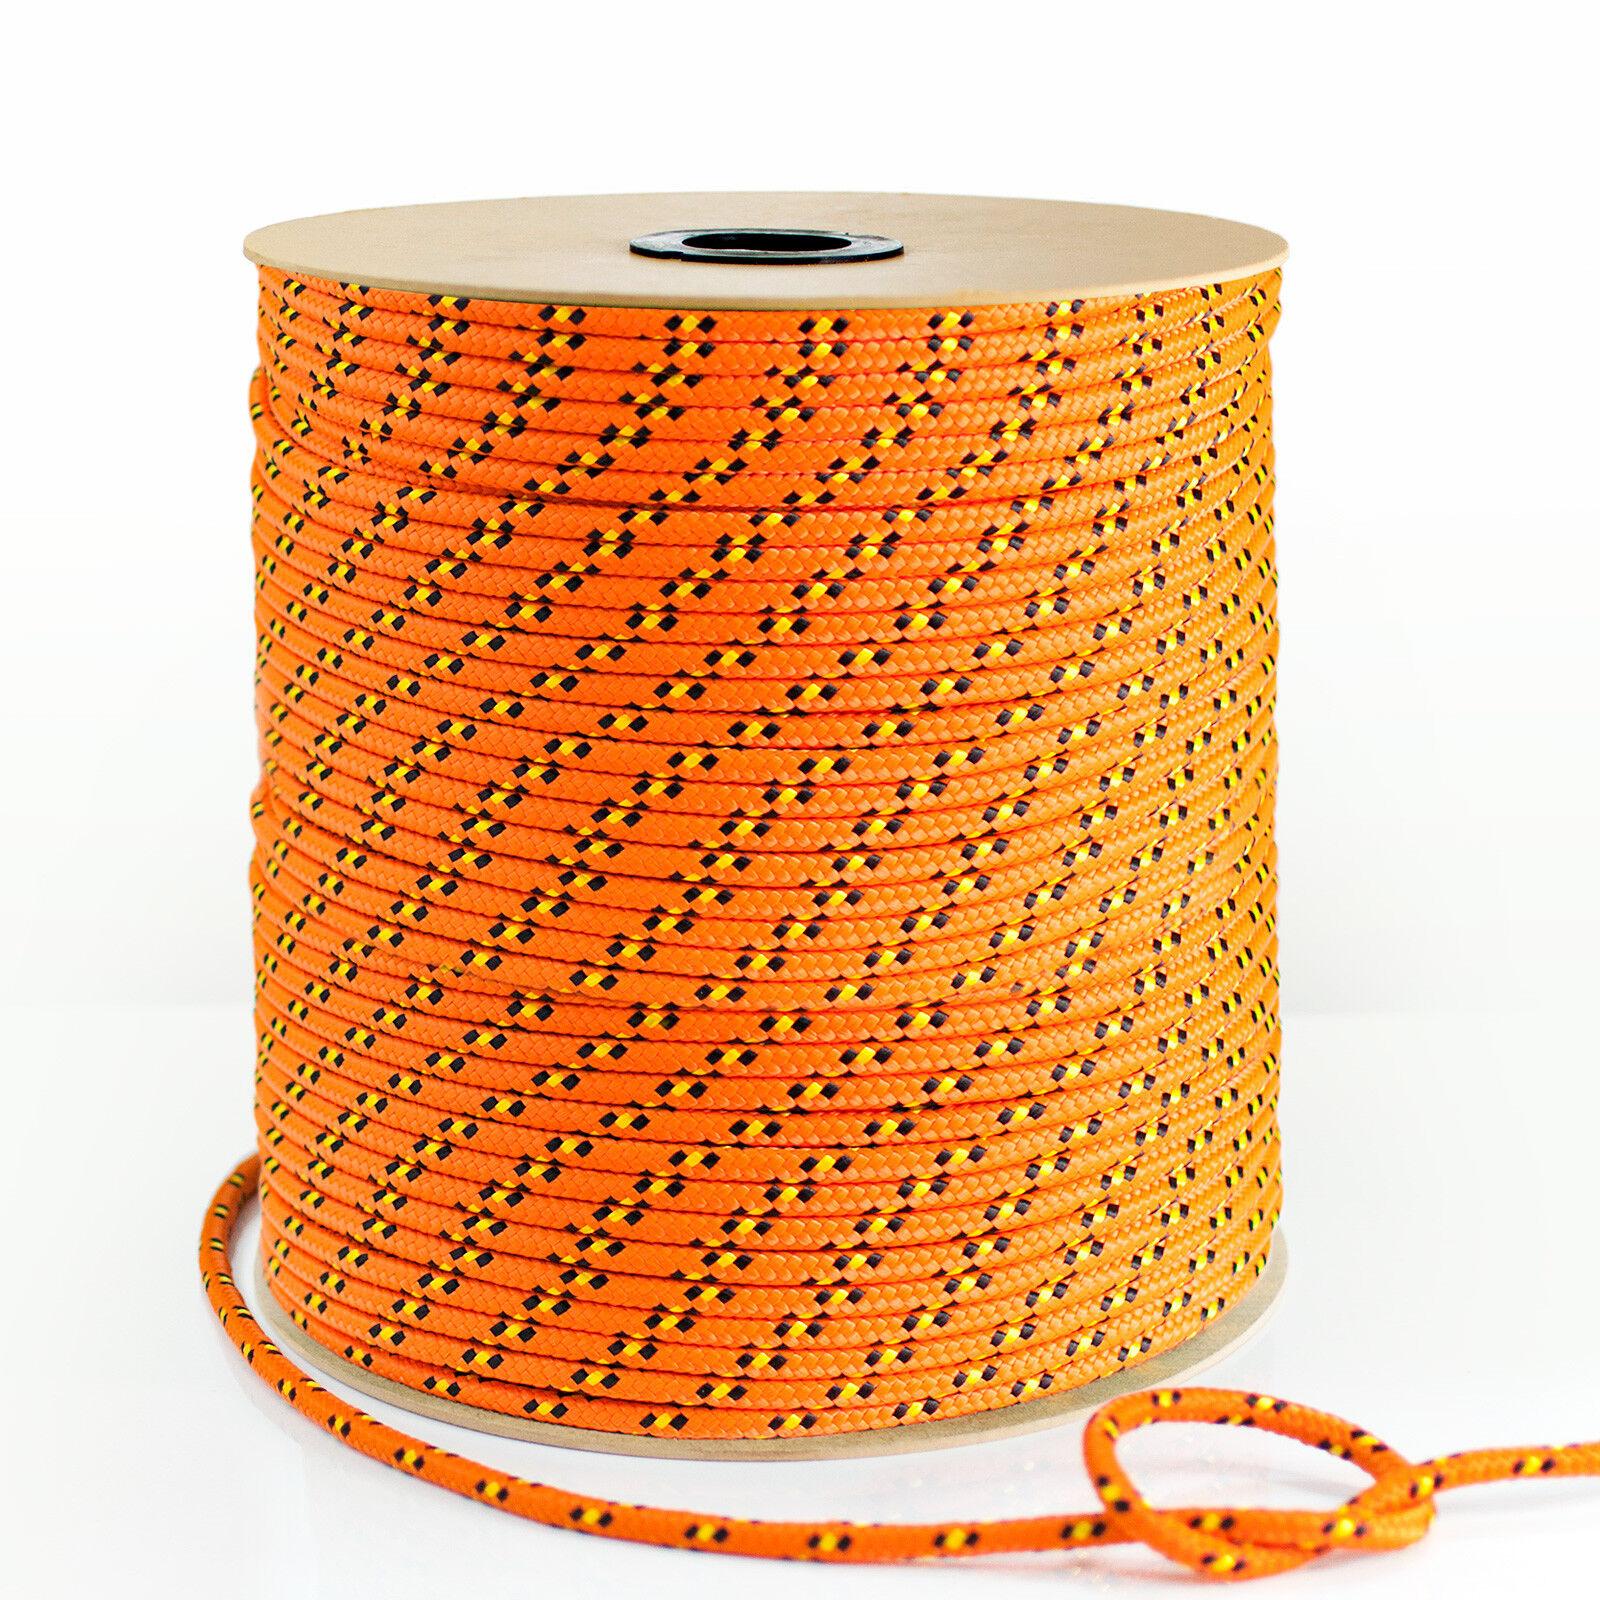 Polypropylenseile Orange 10m – 200m Polypropylen Schnur PP Stiefelteile PP Schnur Seil 553b94